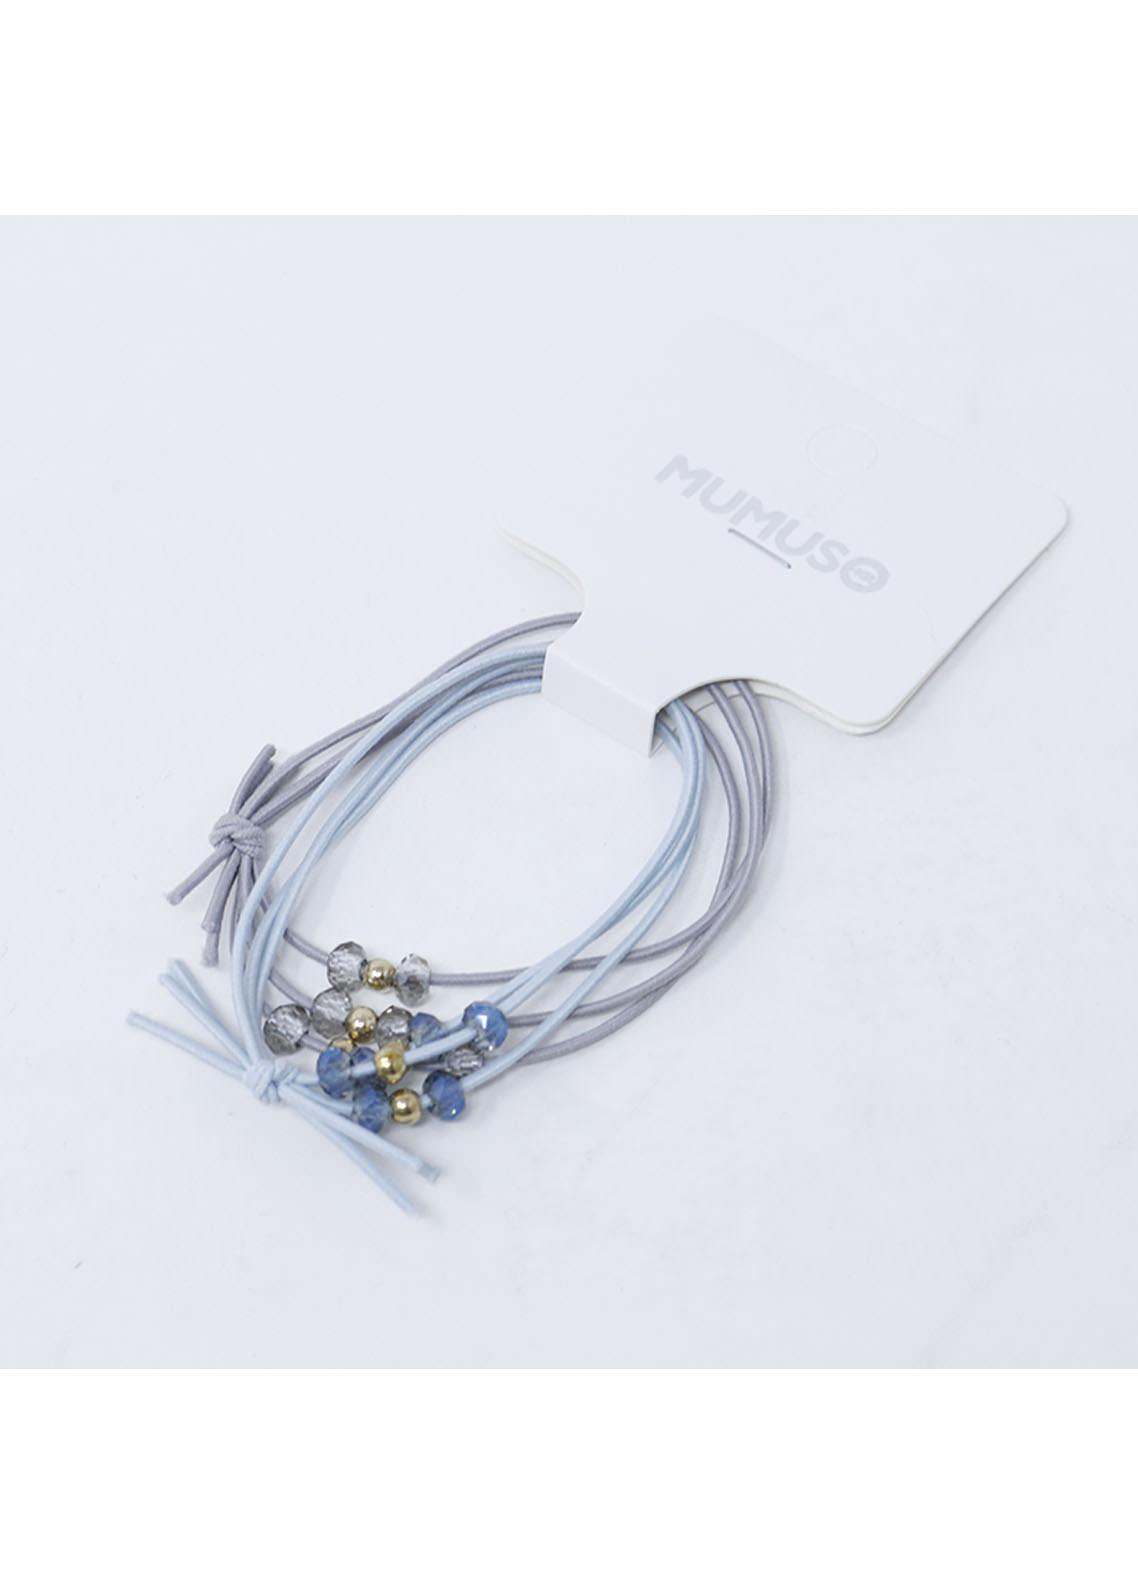 Mumuso Small Crystal Rubber Band -L